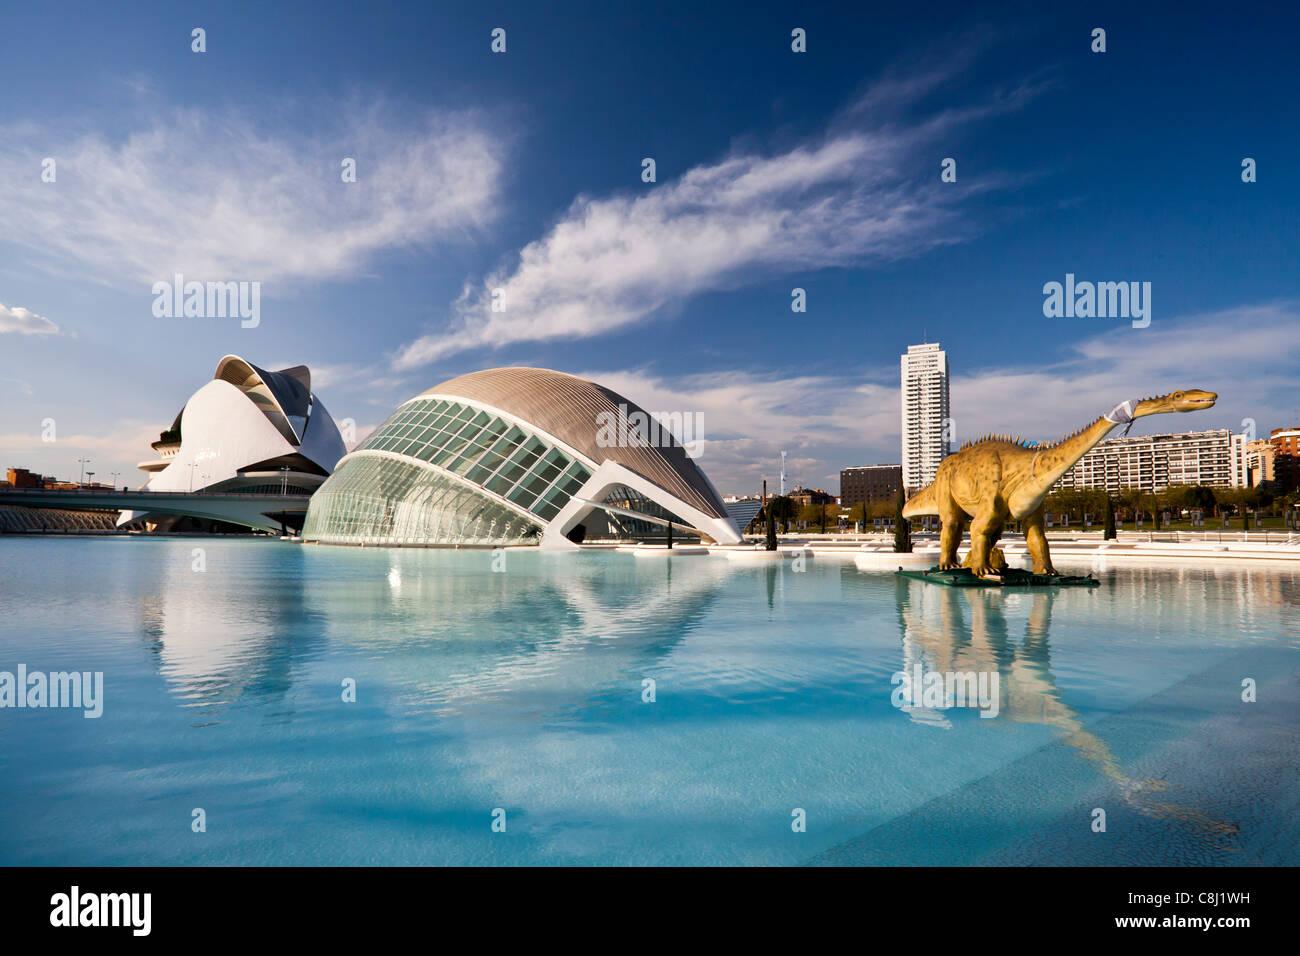 L'Espagne, l'Europe, Valence, Cité des Arts et des sciences, Calatrava, architecture, moderne, Dinosaur, Photo Stock